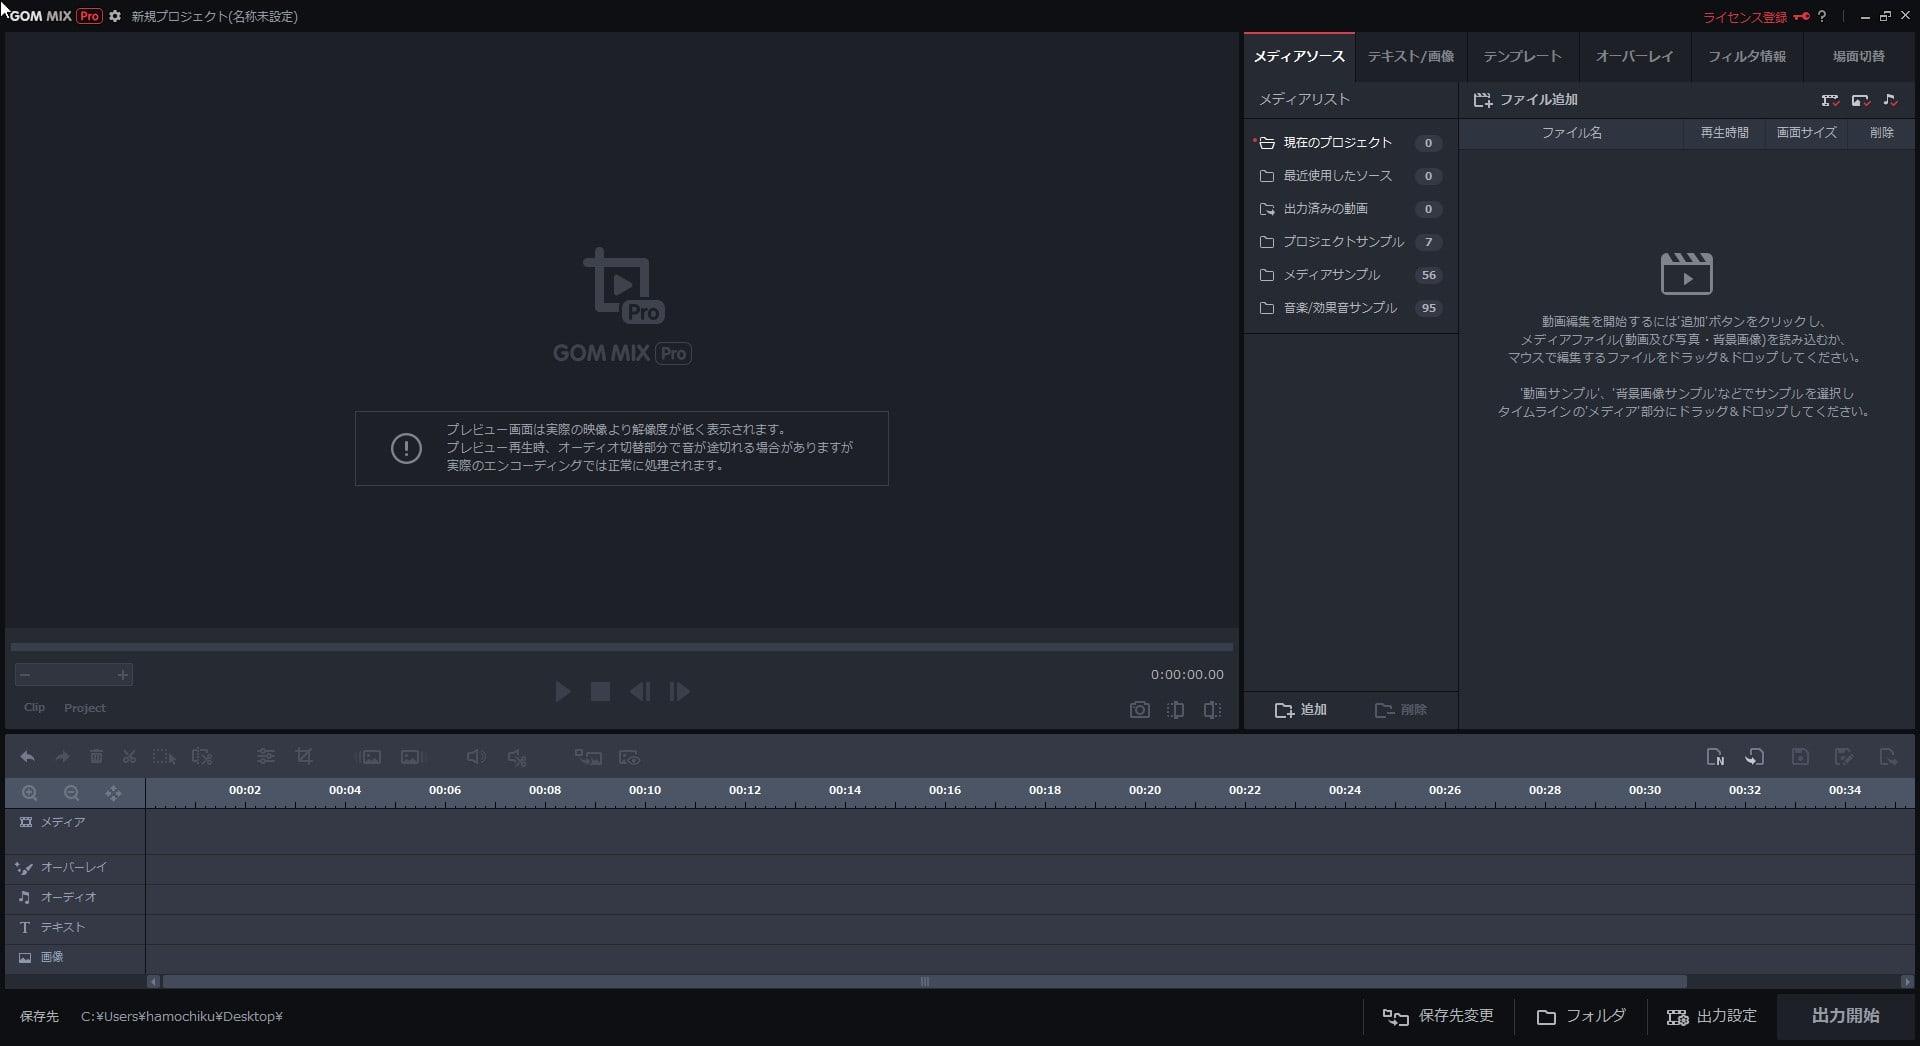 画面 動画編集ソフトGOM Mix Pro